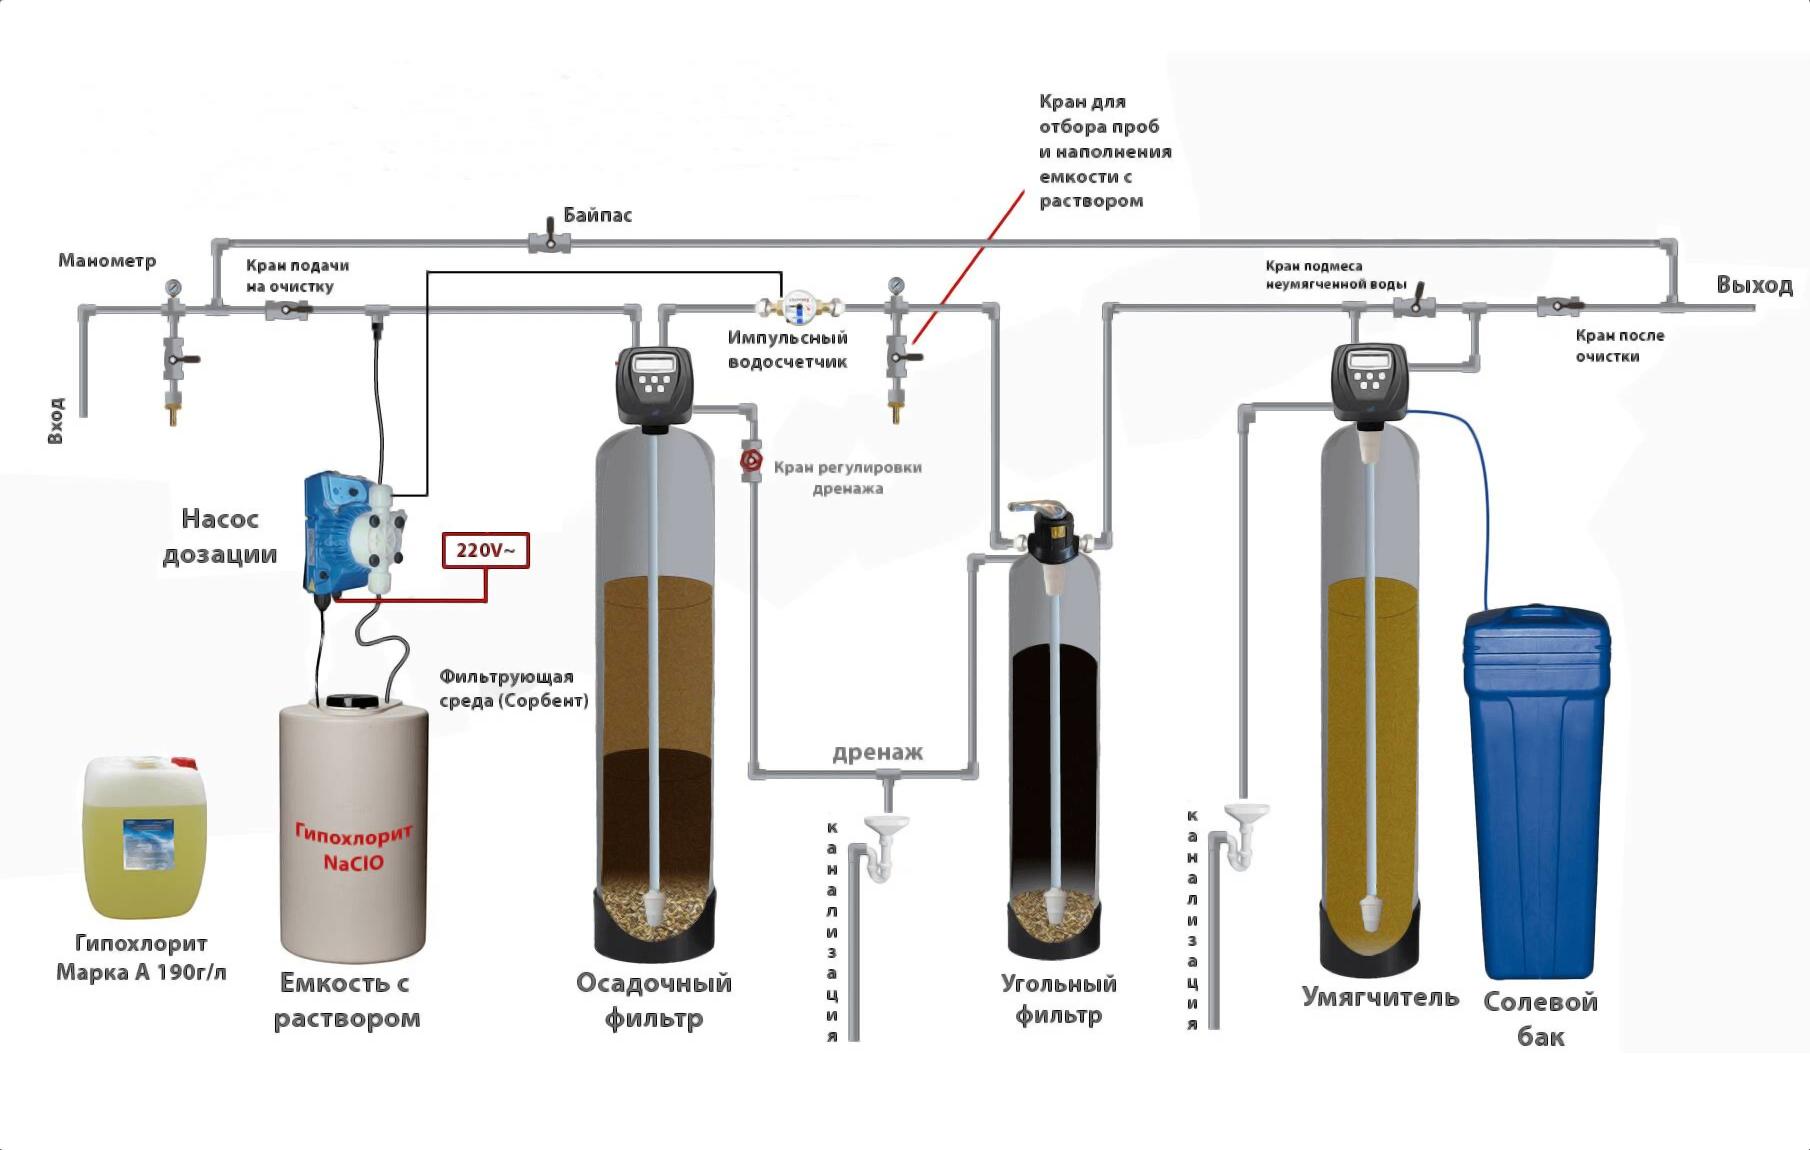 Система очистки с дозированием гипохлорита натрия (ГПХН)